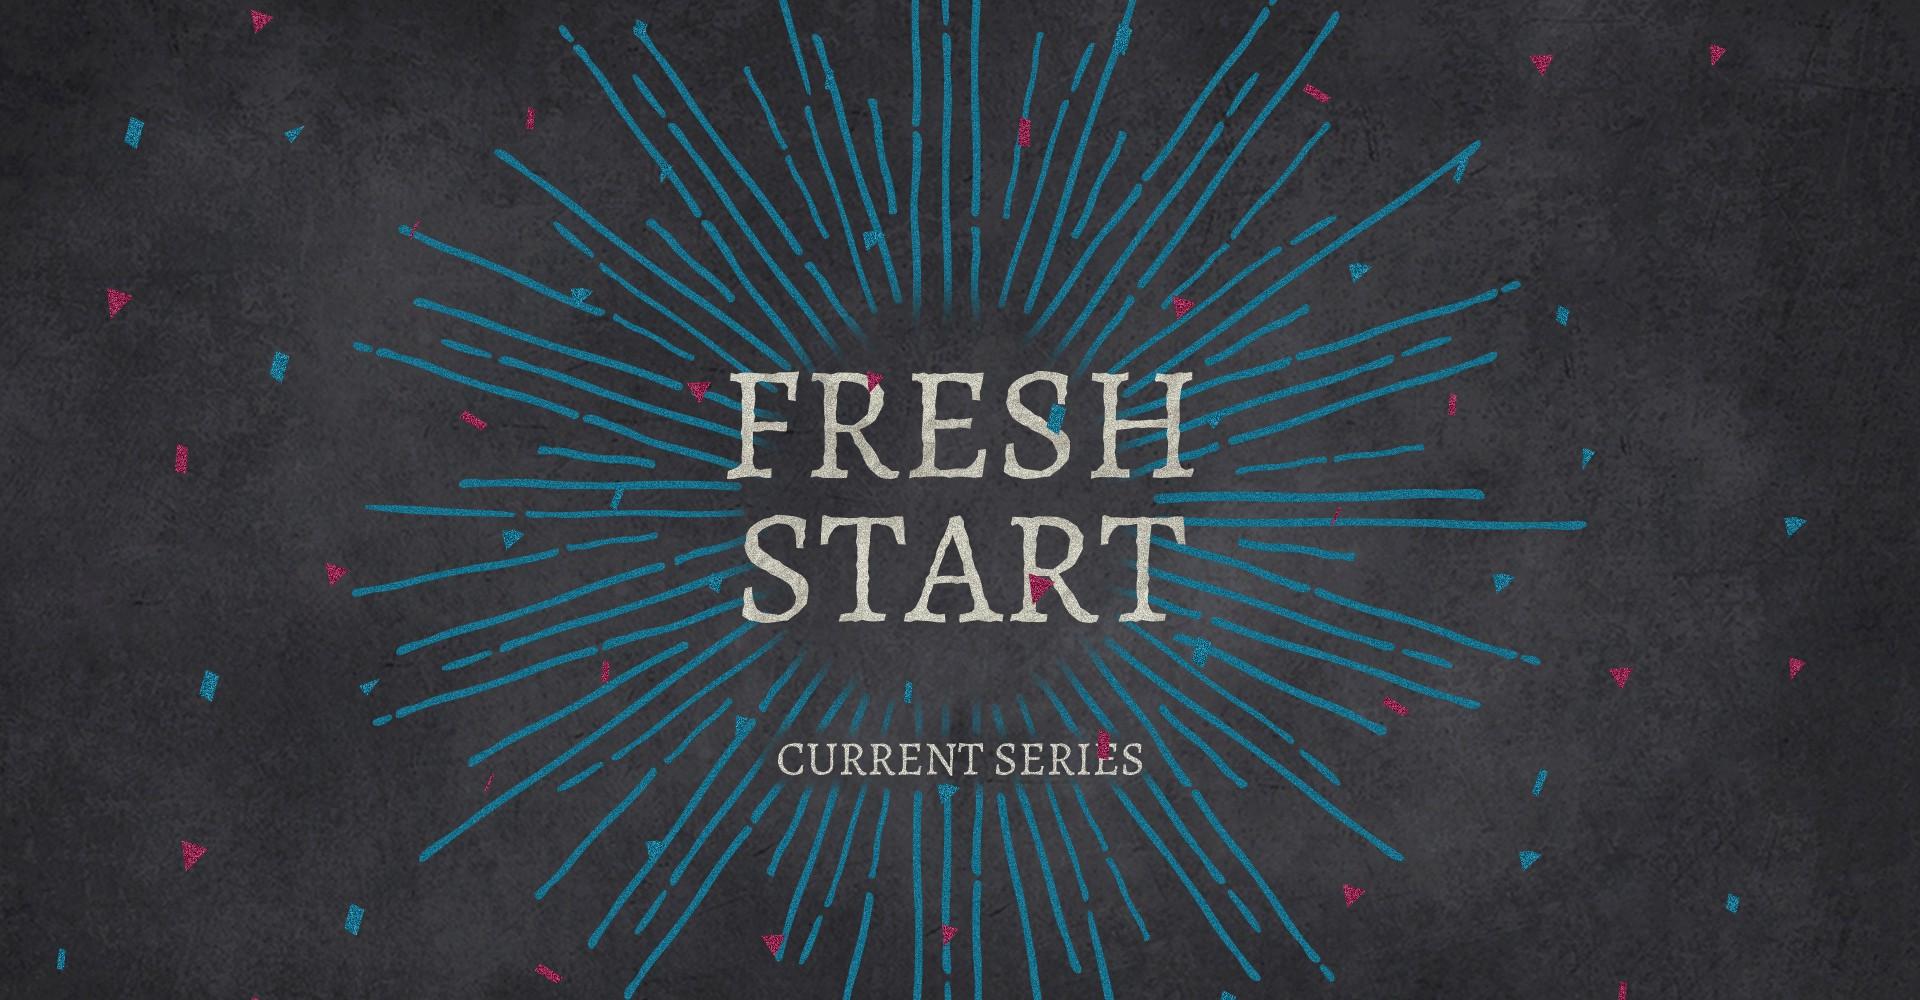 FreshStart-CurrentSeries